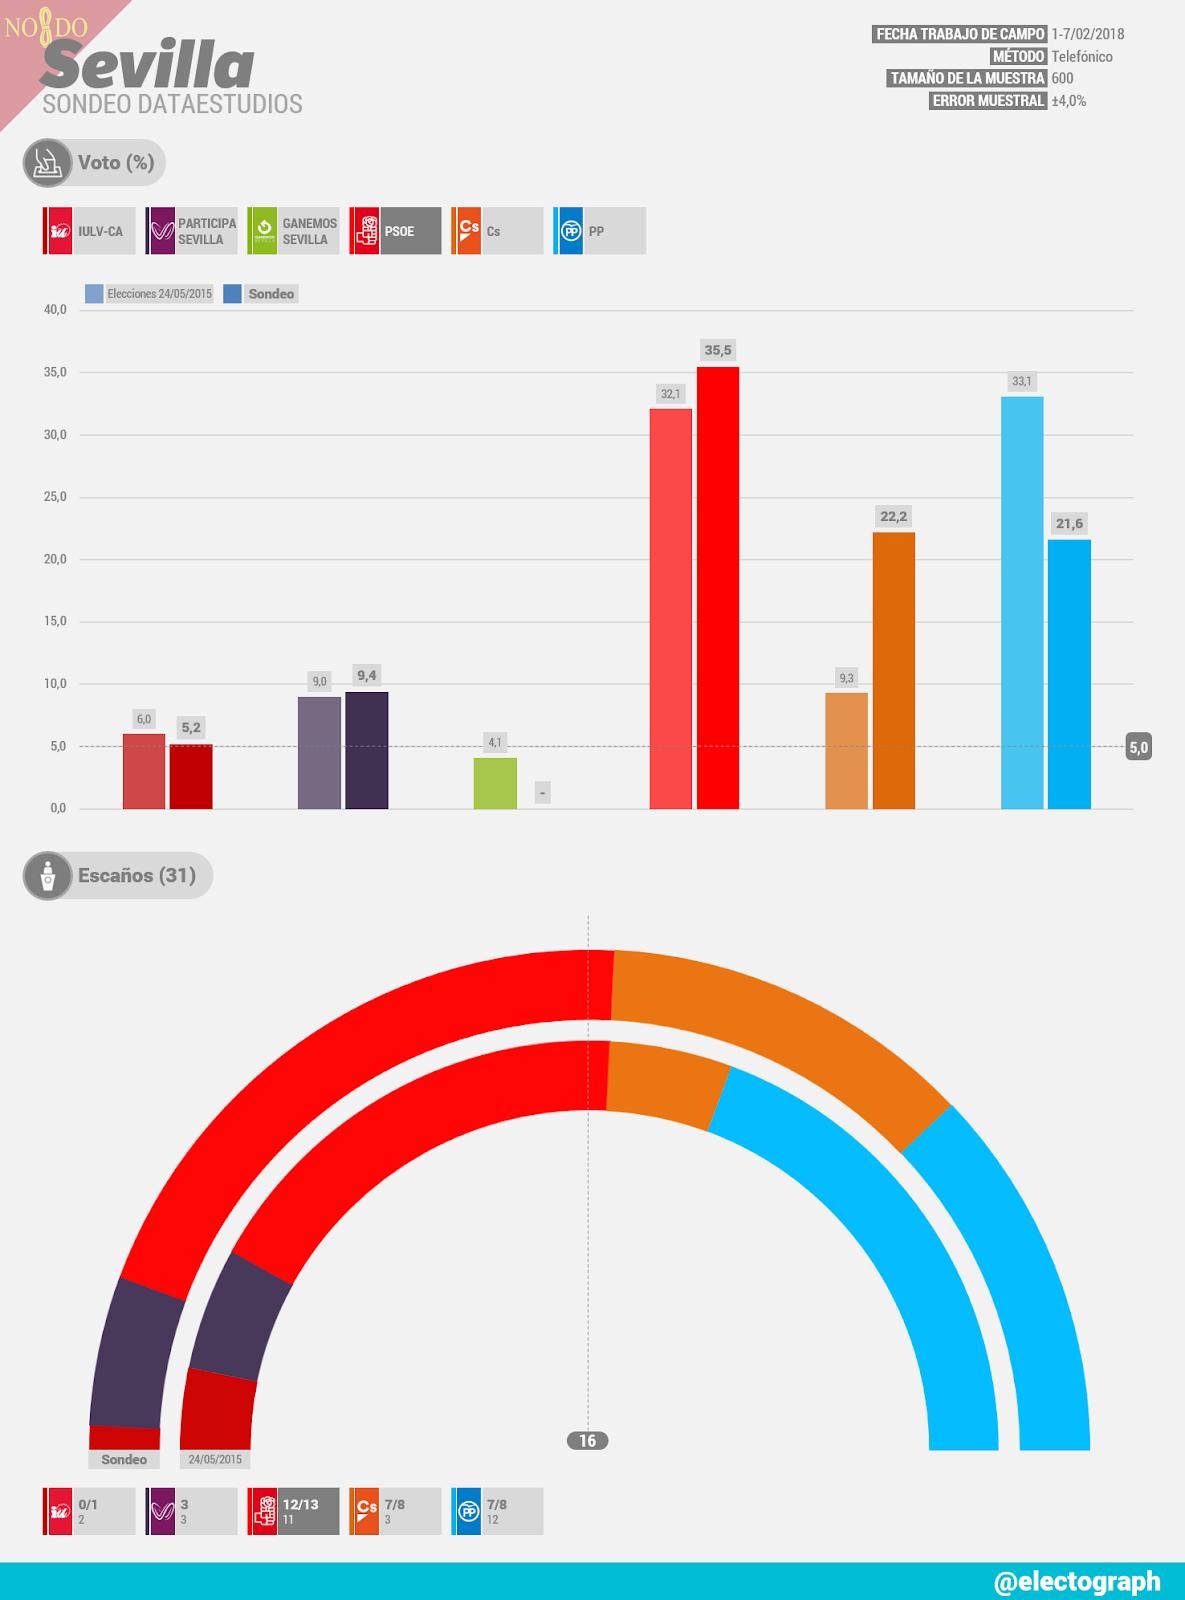 Gráfico de la encuesta para elecciones municipales en Sevilla realizada por Dataestudios en febrero de 2018